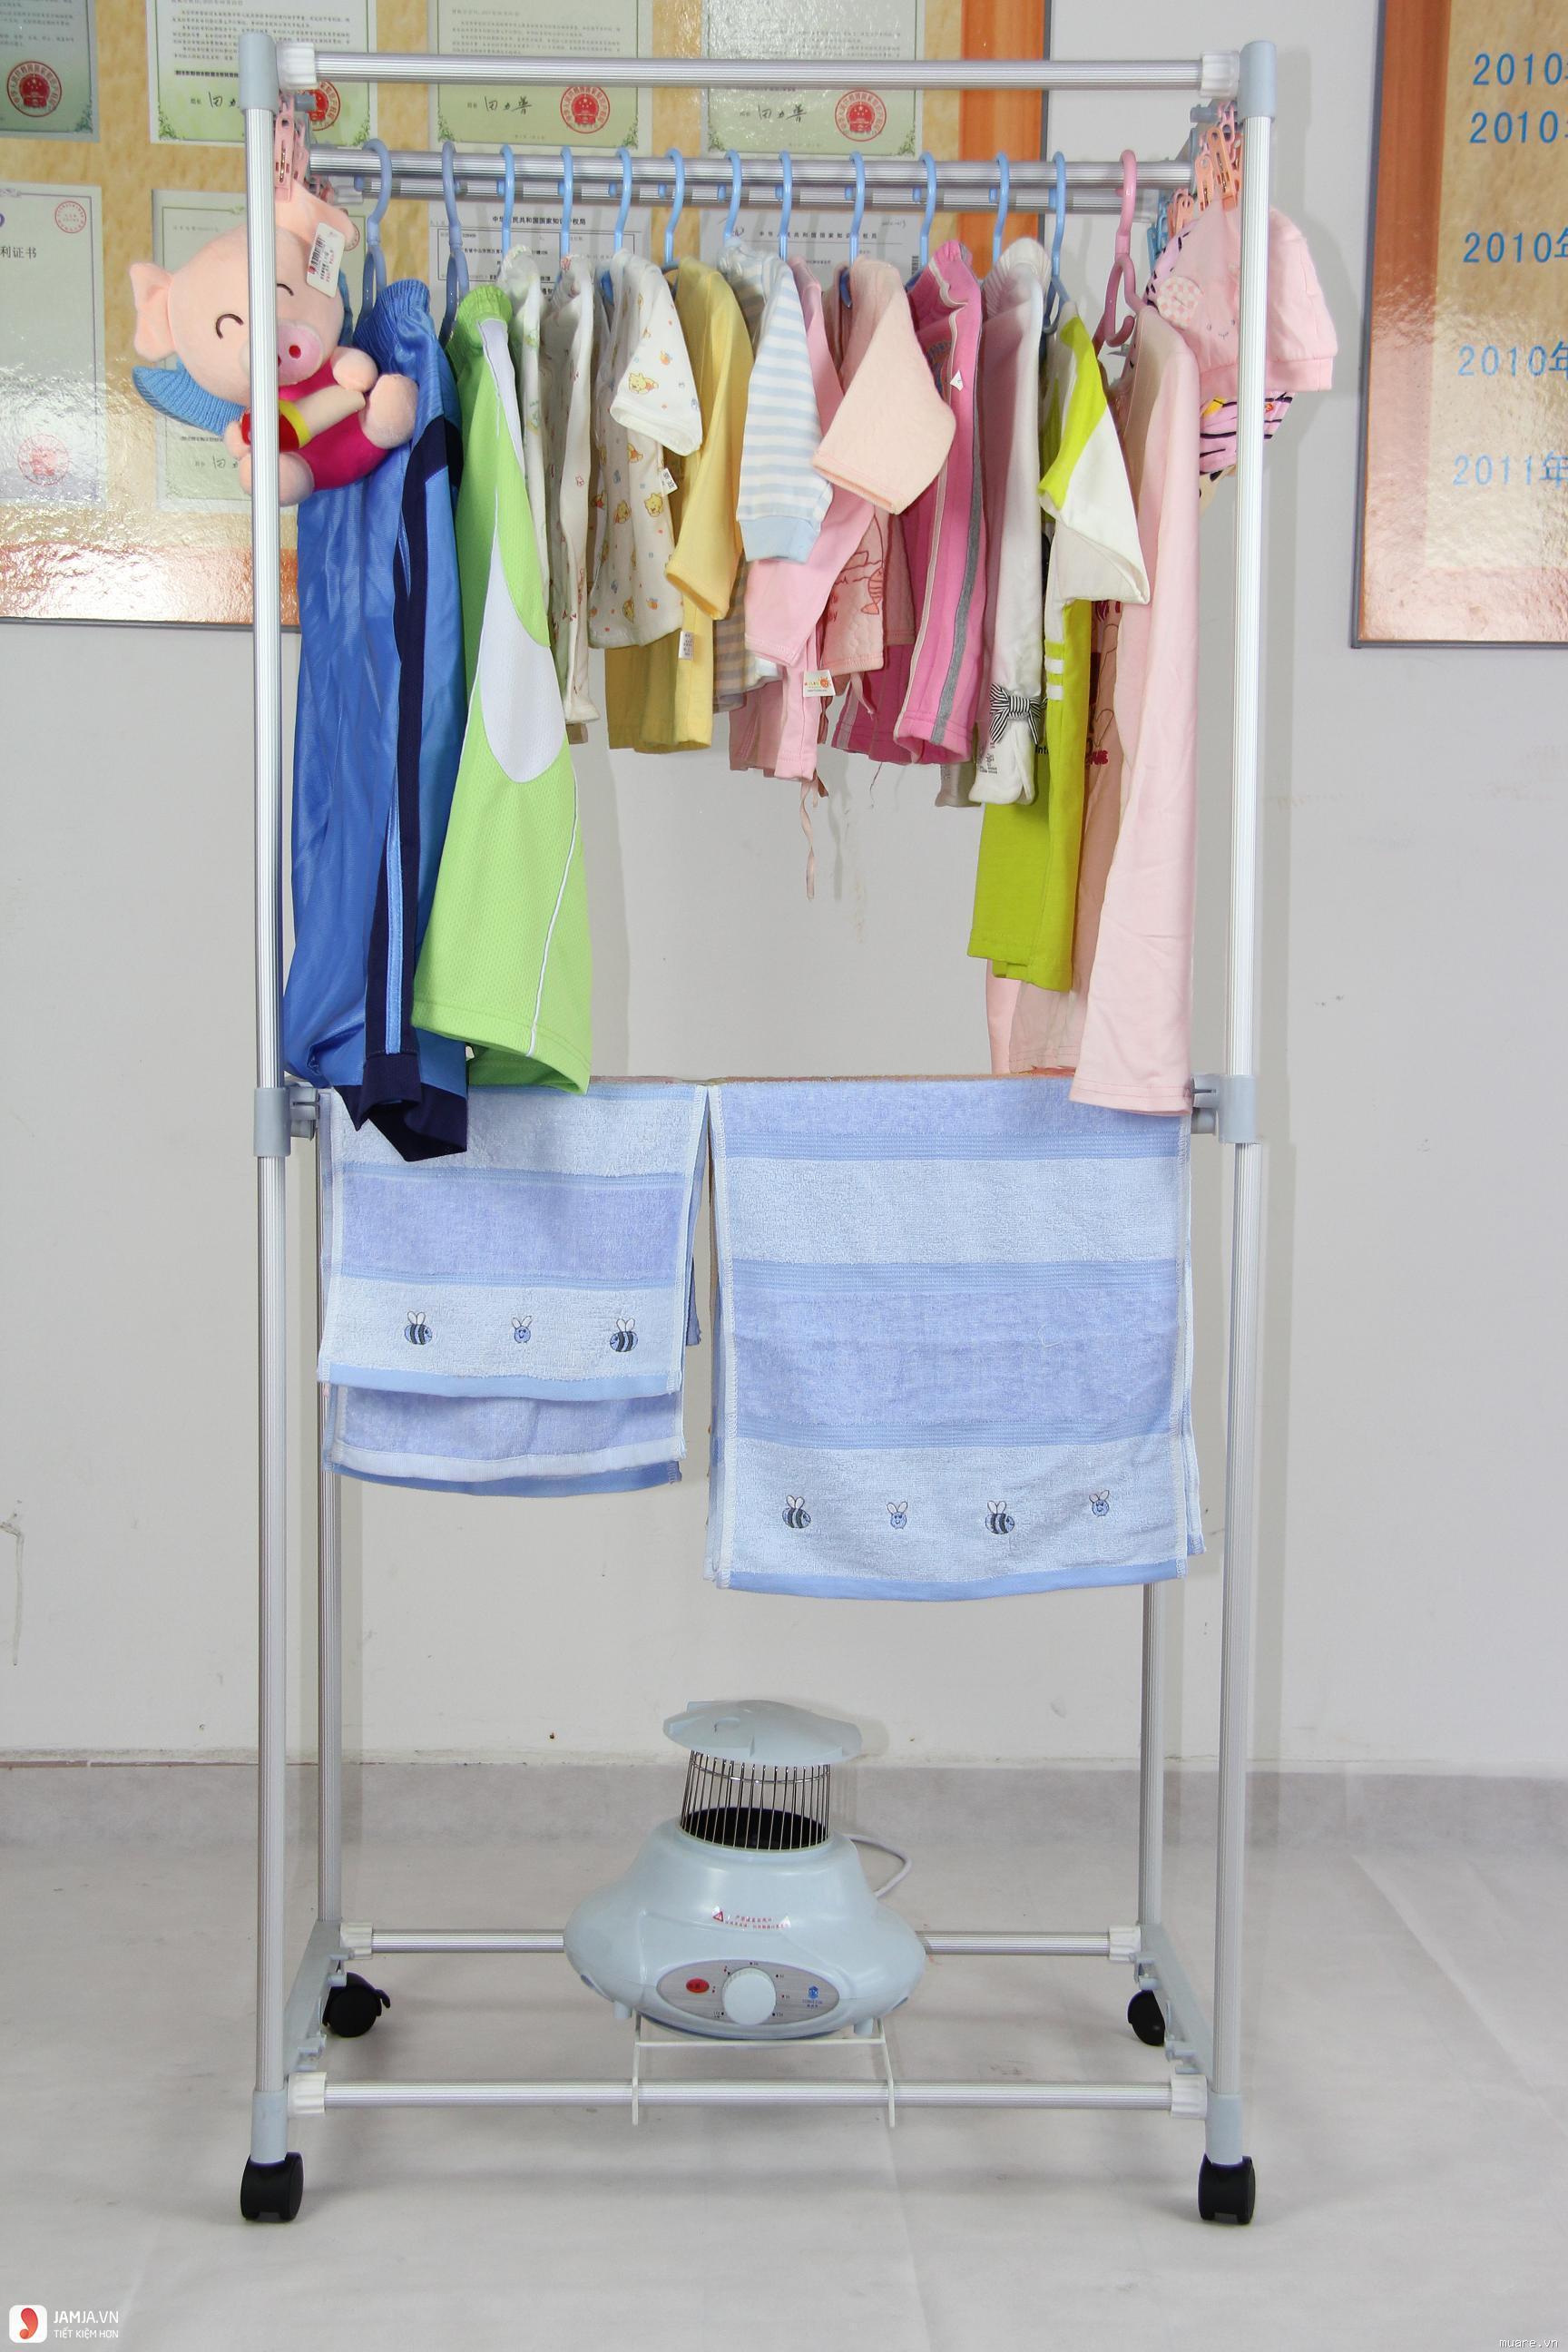 Kinh nghiệm chọn tủ sấy quần áo 2